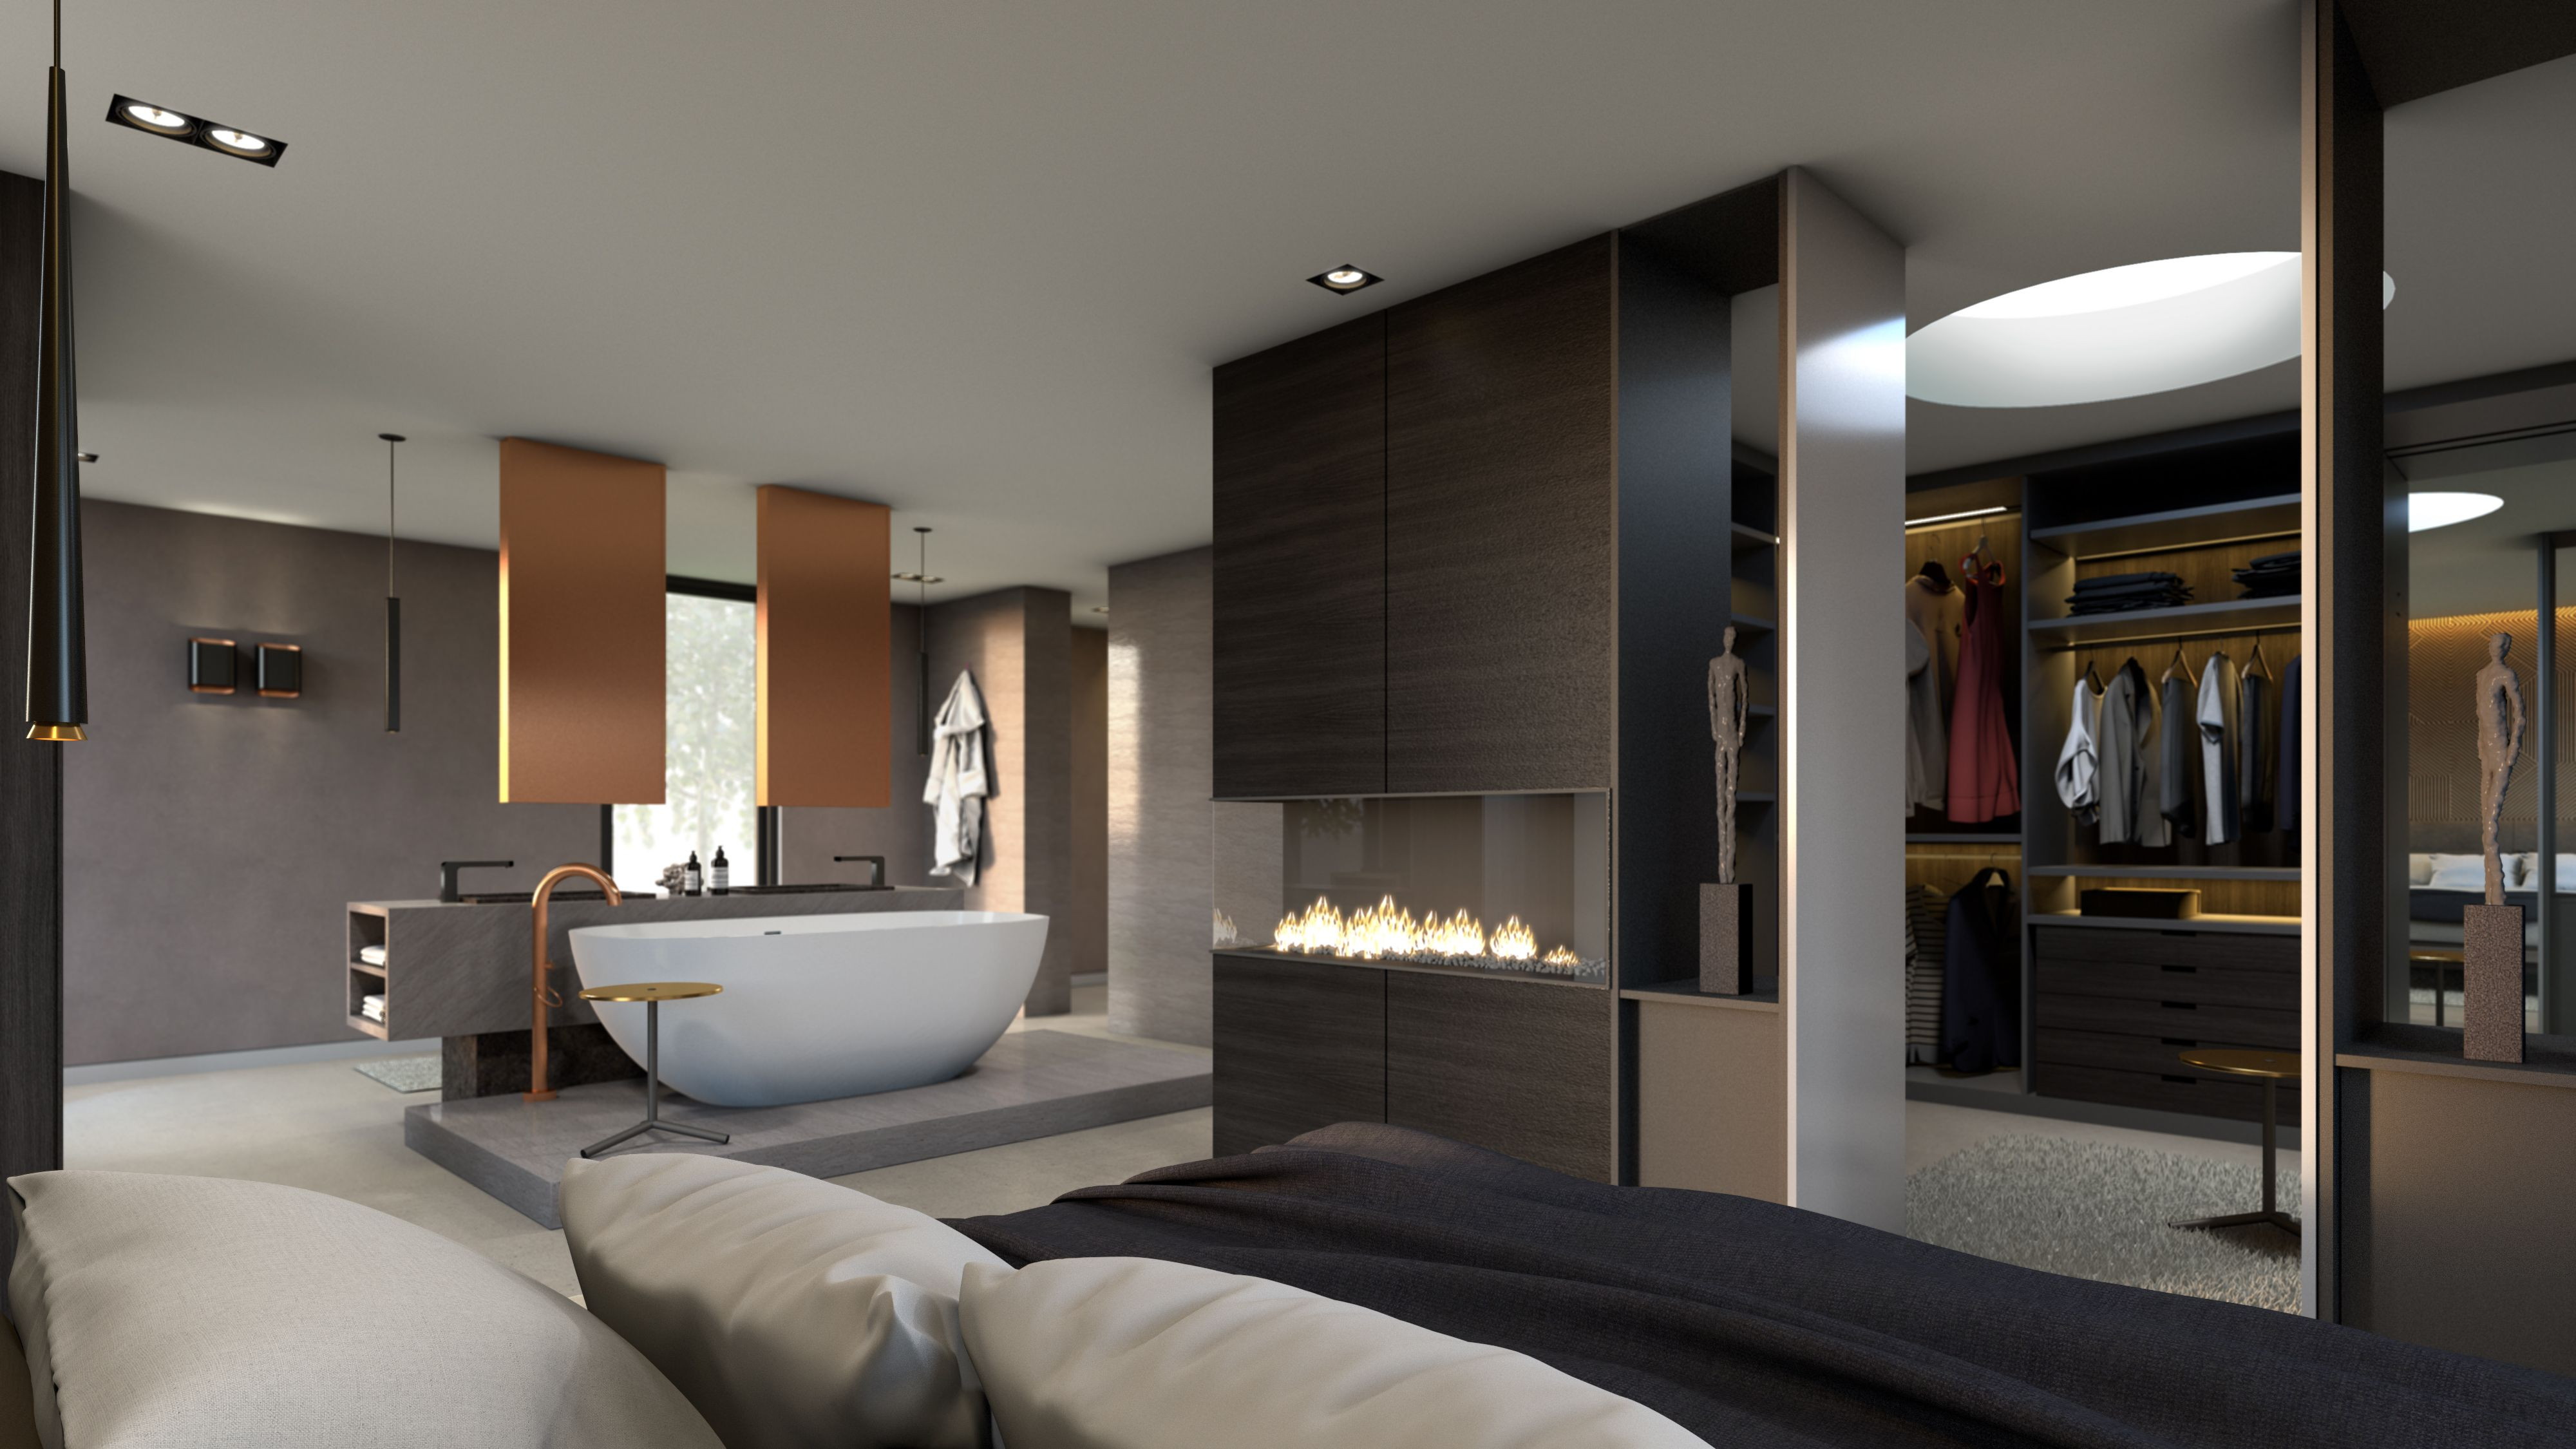 Interieur De Luxe Appartement luxe appartement vught c'avante totaalontwerp interieur